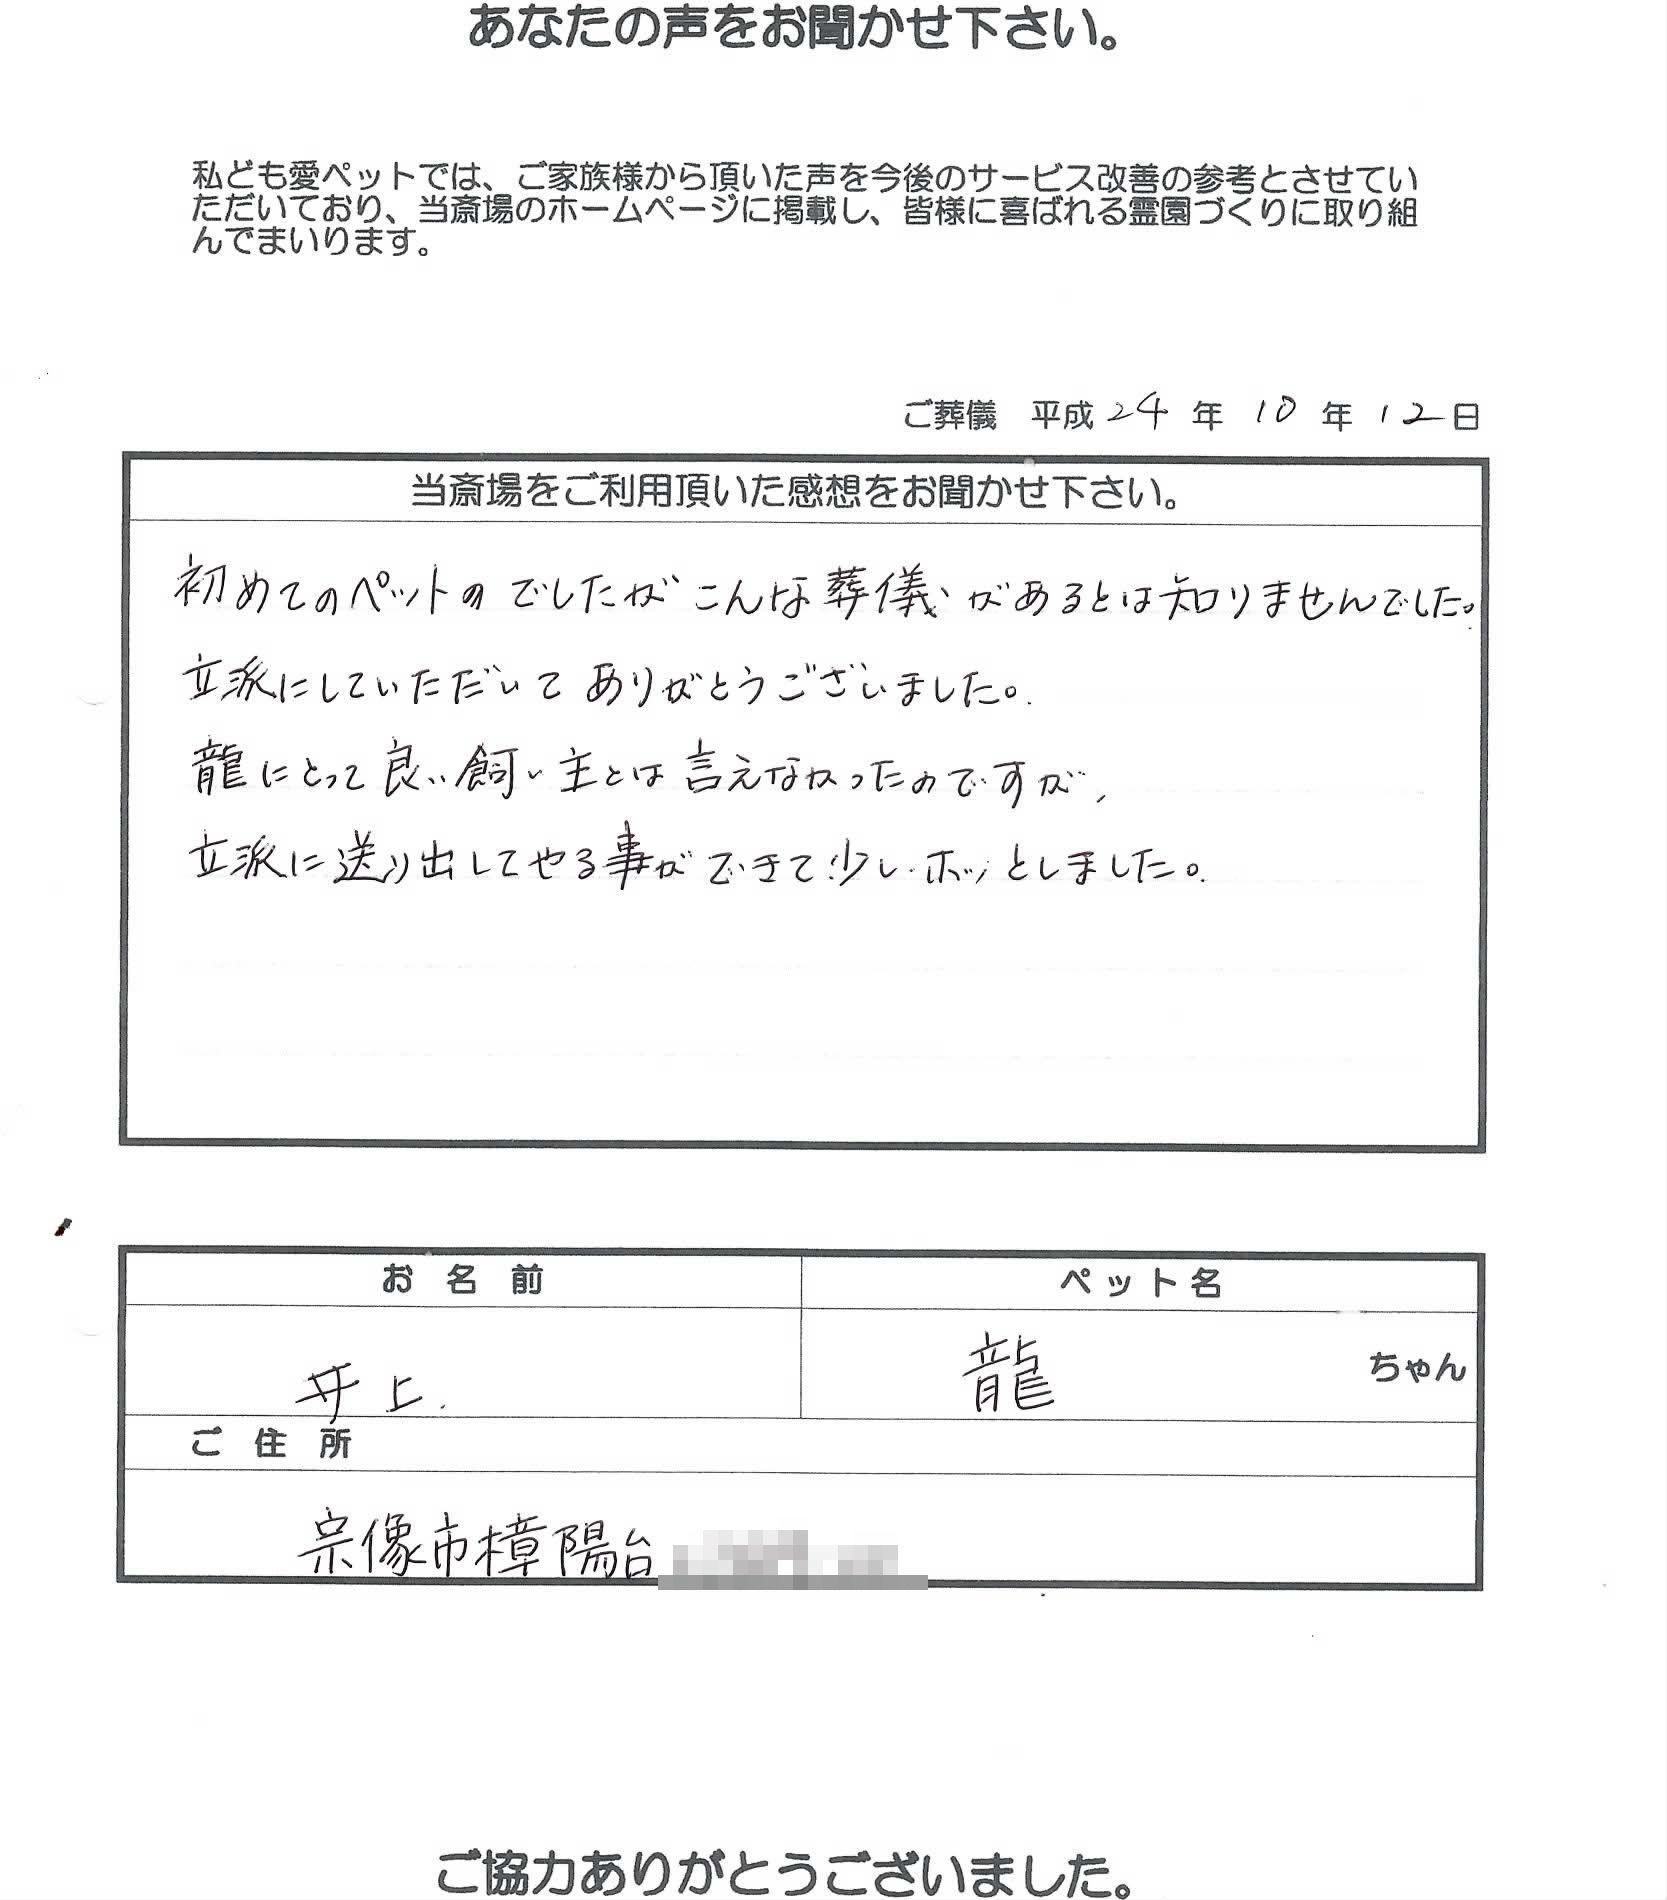 121012-3.jpg